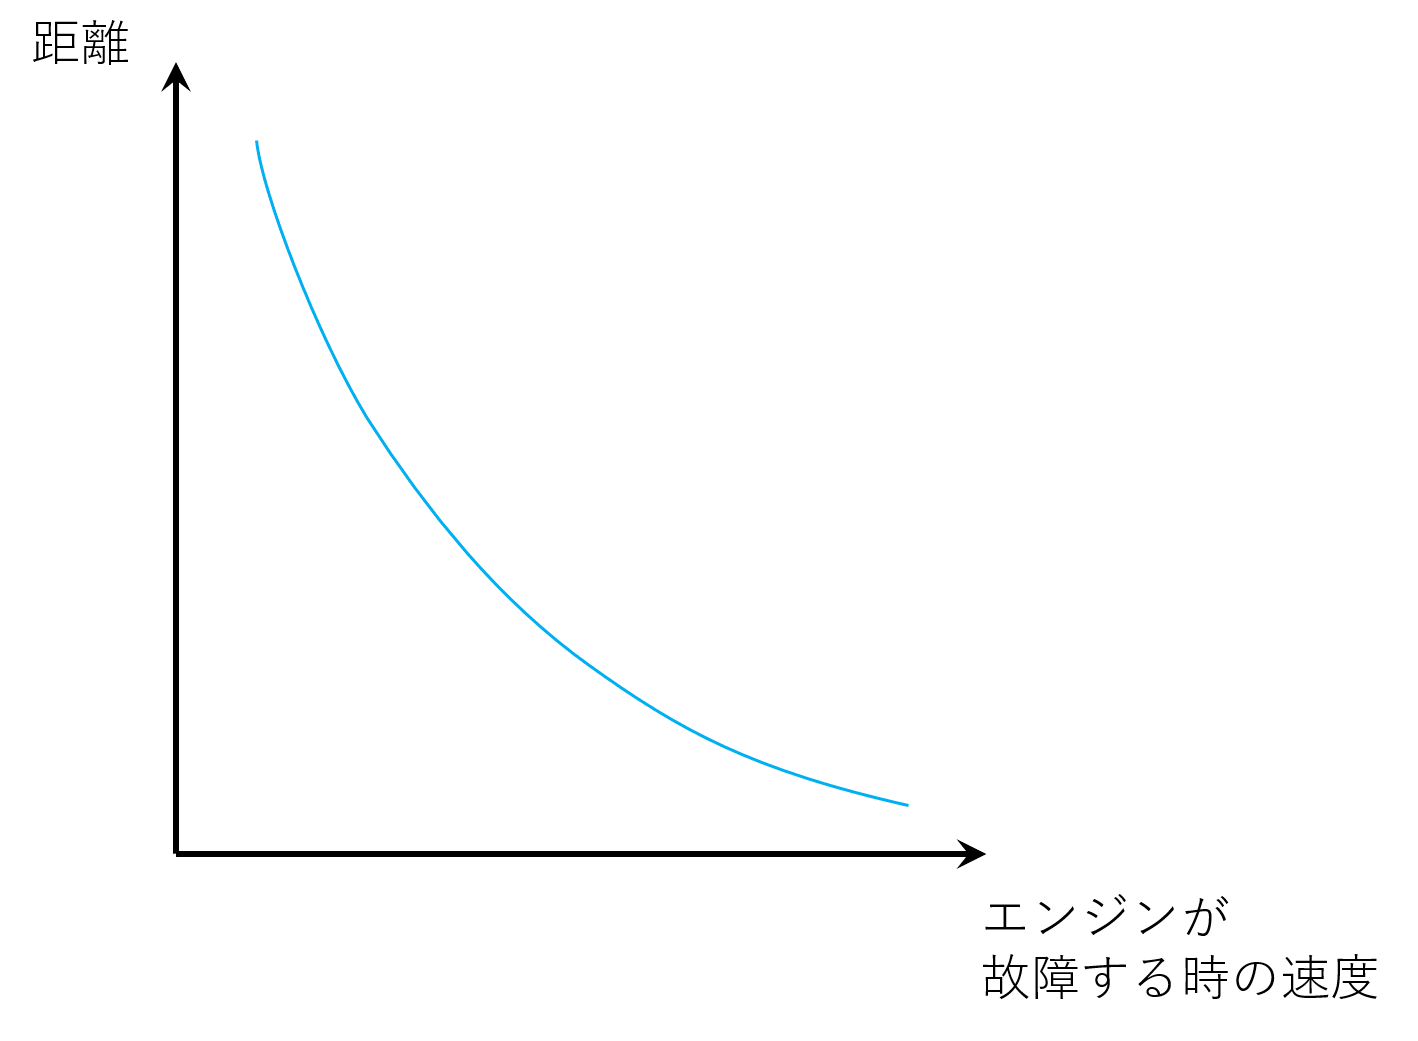 離陸距離のグラフ